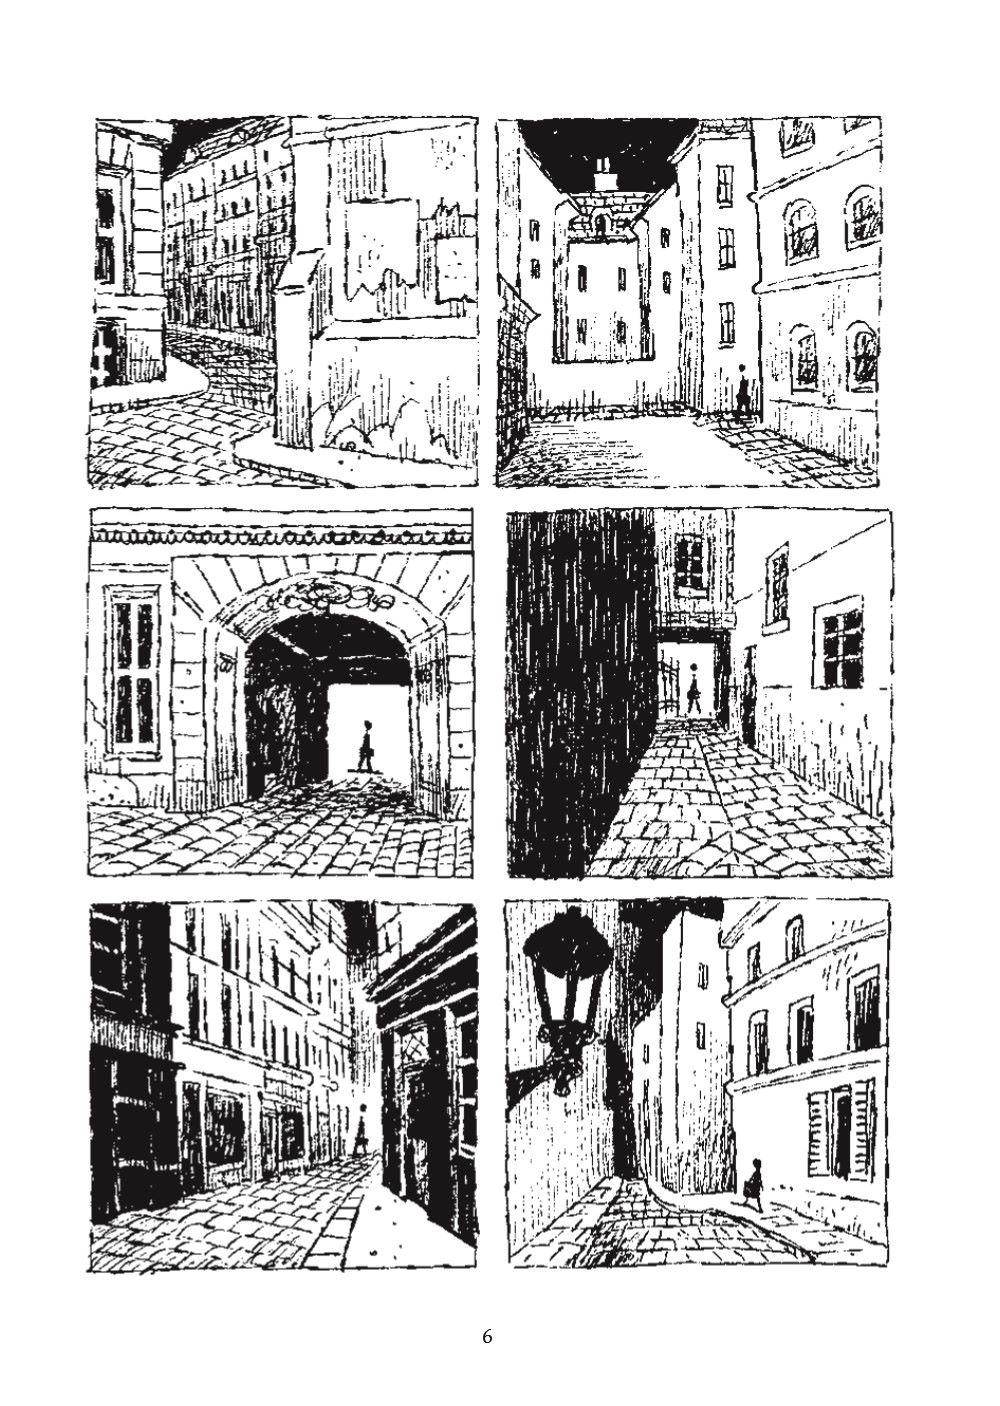 BookTour_pr-4 ComicList Previews: THE BOOK TOUR GN